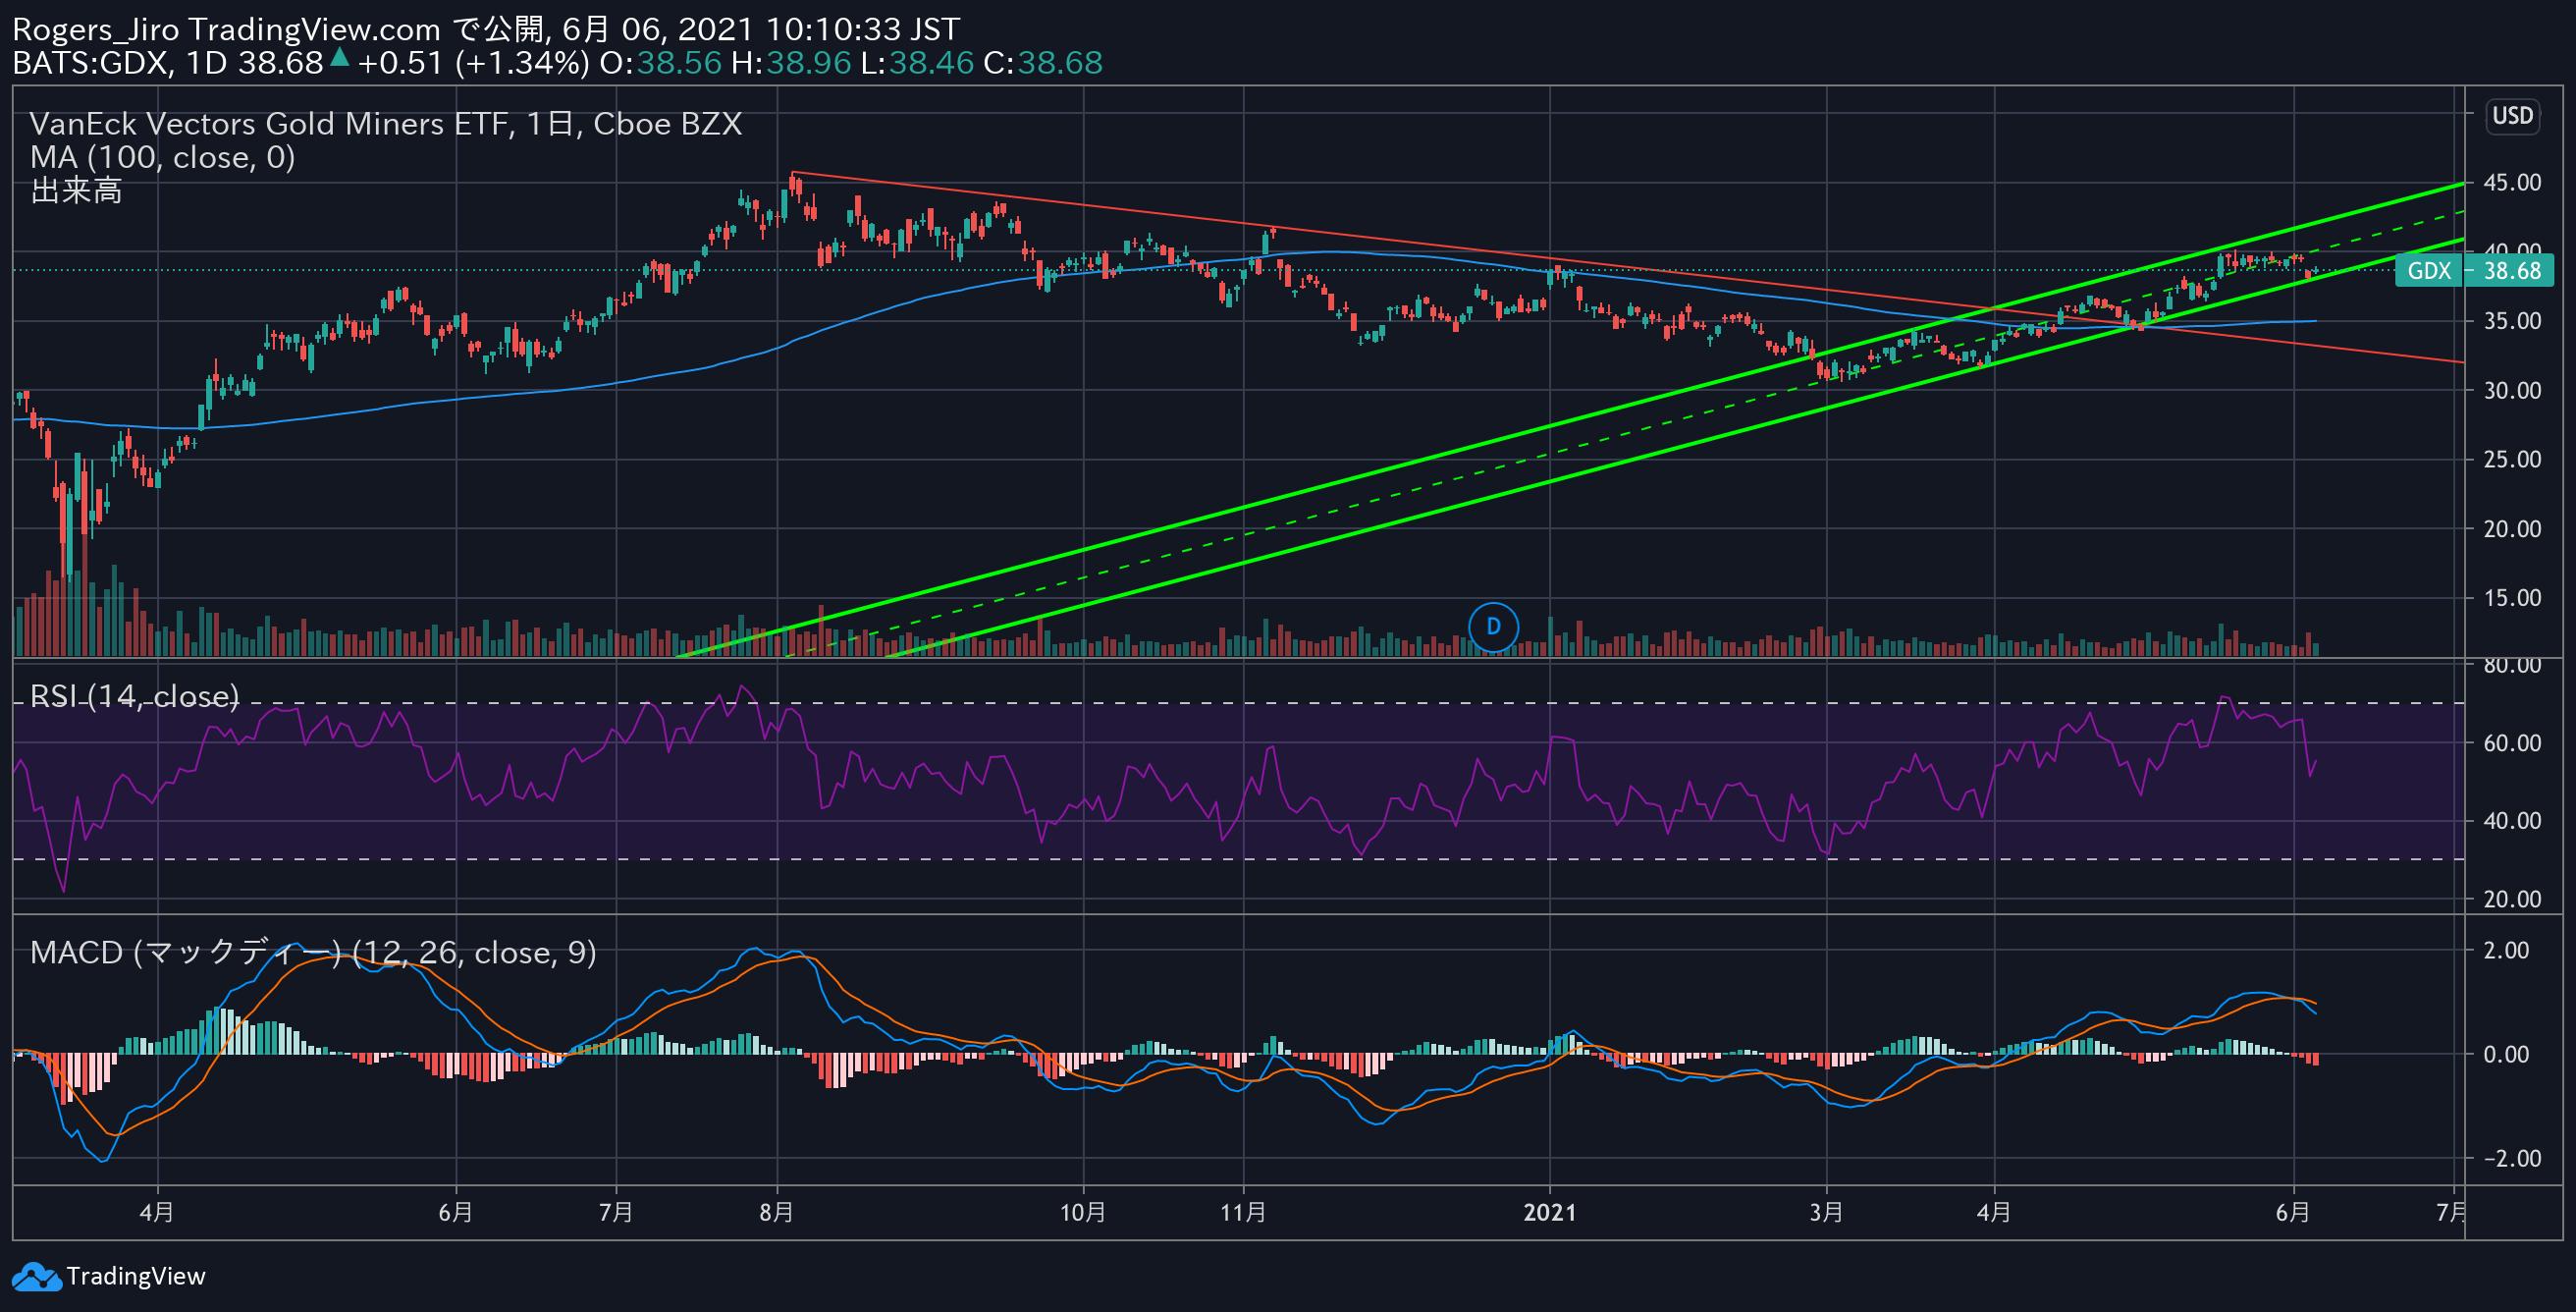 GDX(金鉱株)の20203月初来チャート